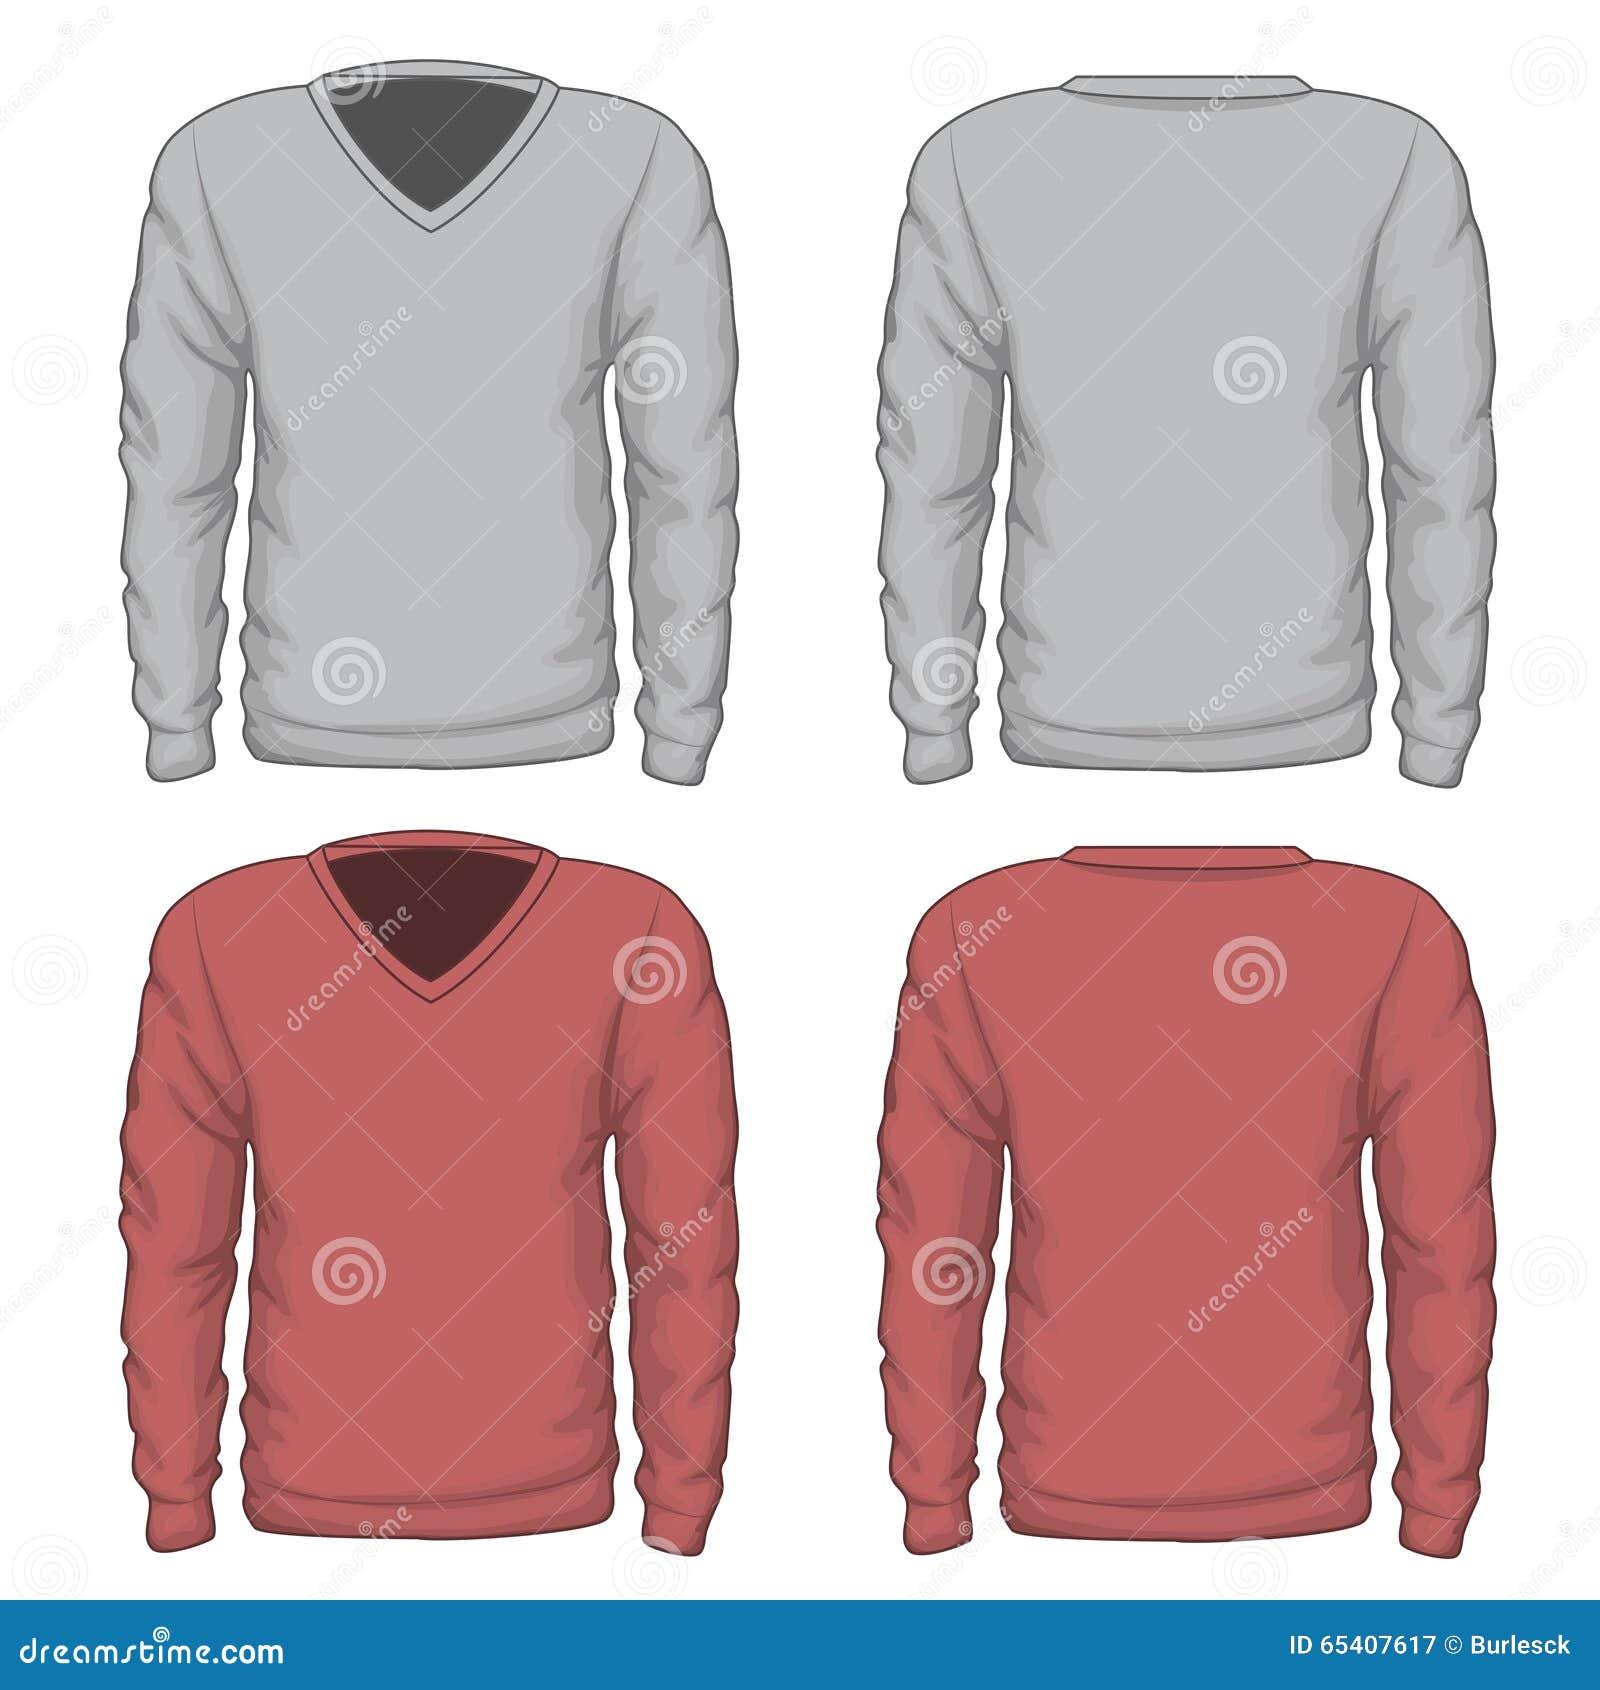 Vettore della maglietta felpata del v-collo degli uomini casuali